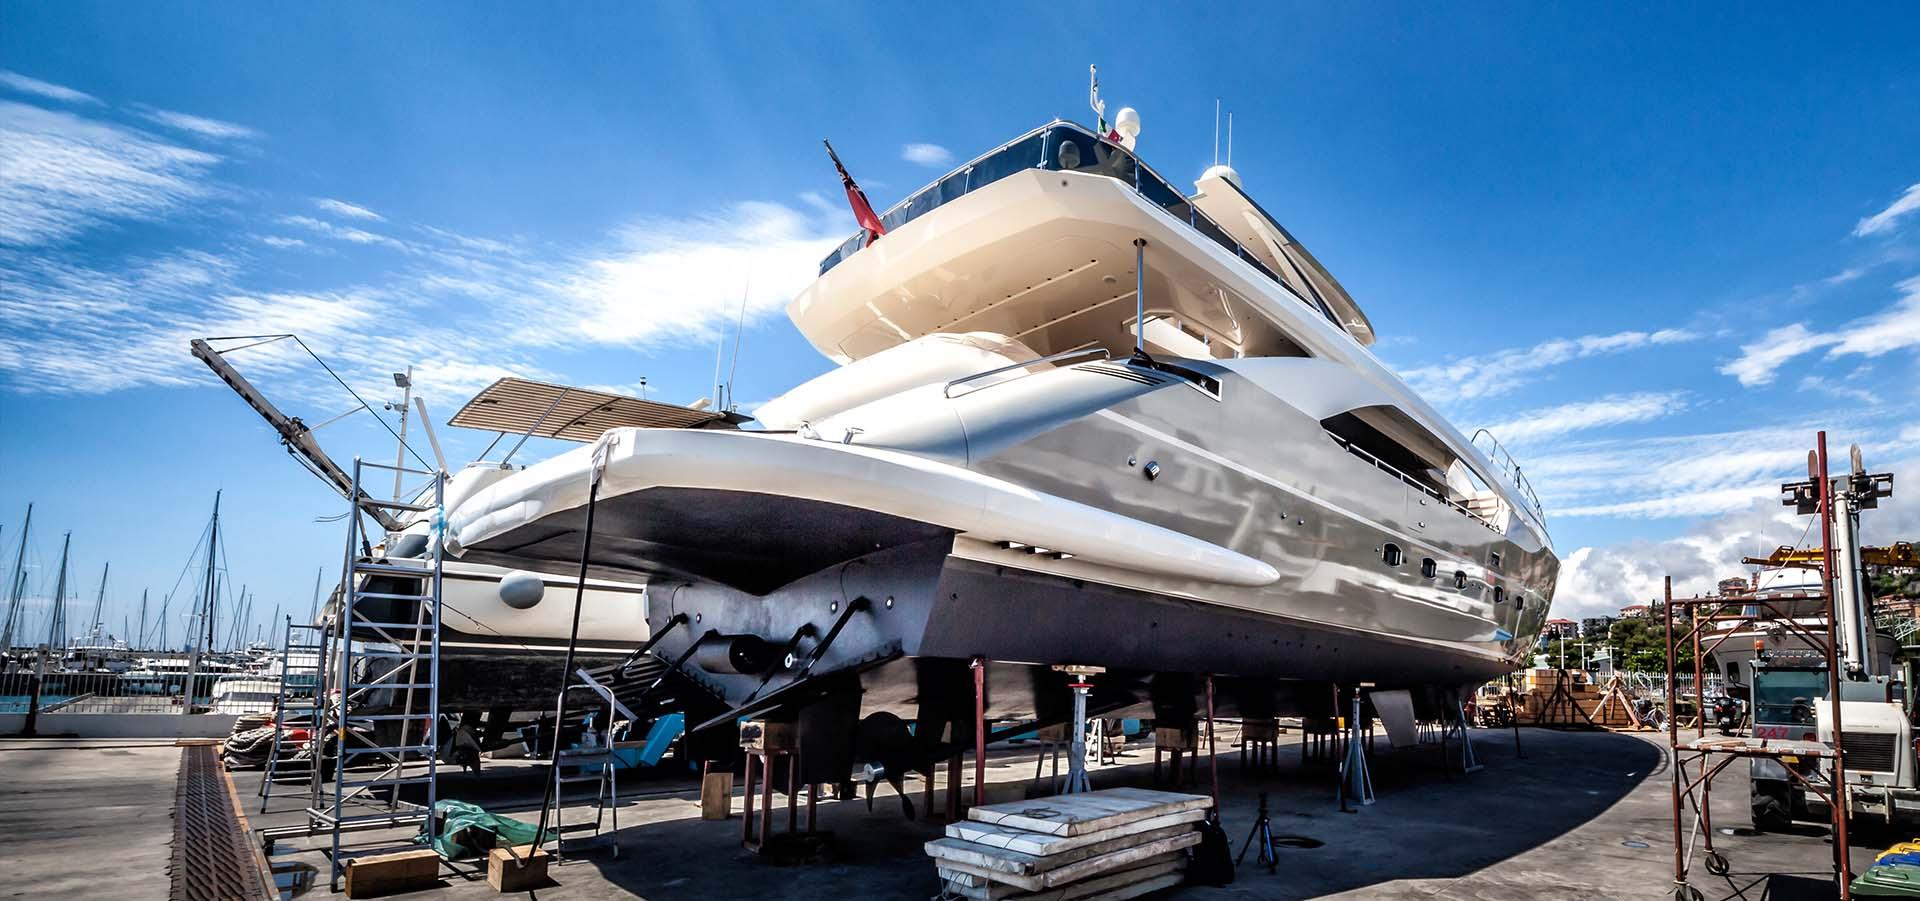 Επισκευή σκαφών Λευκάδα